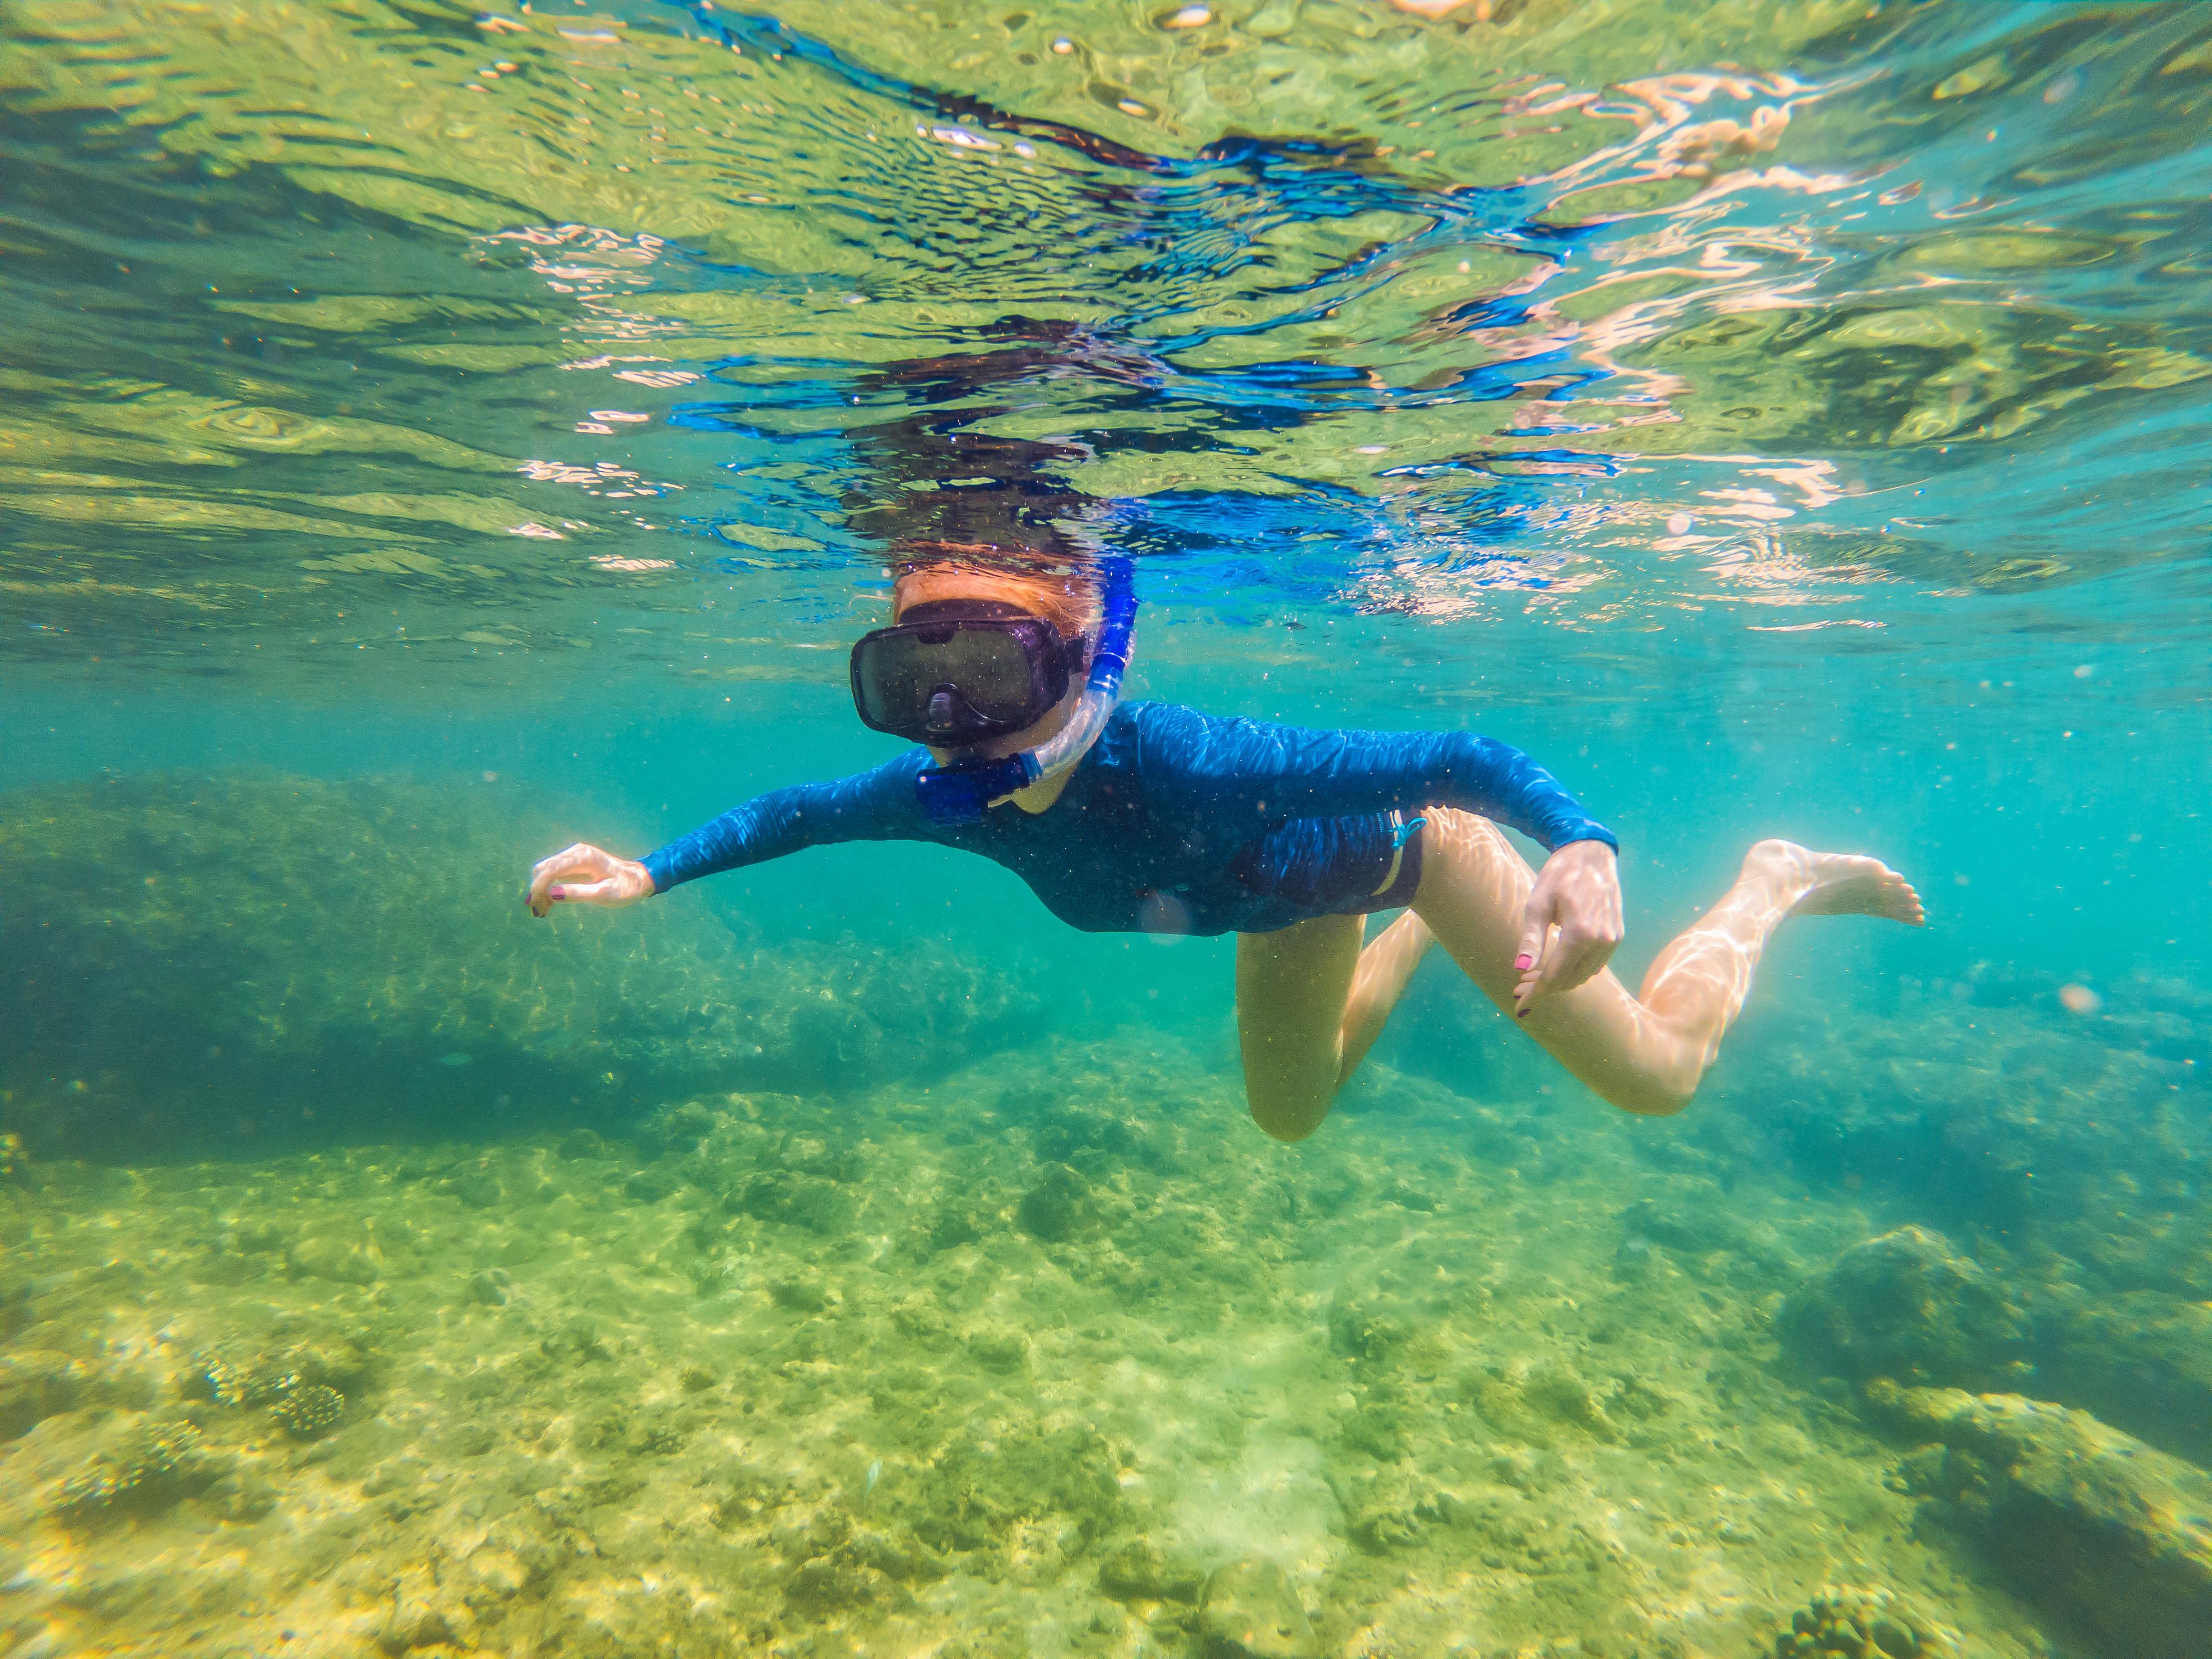 1563448808_snorkeling1.jpg